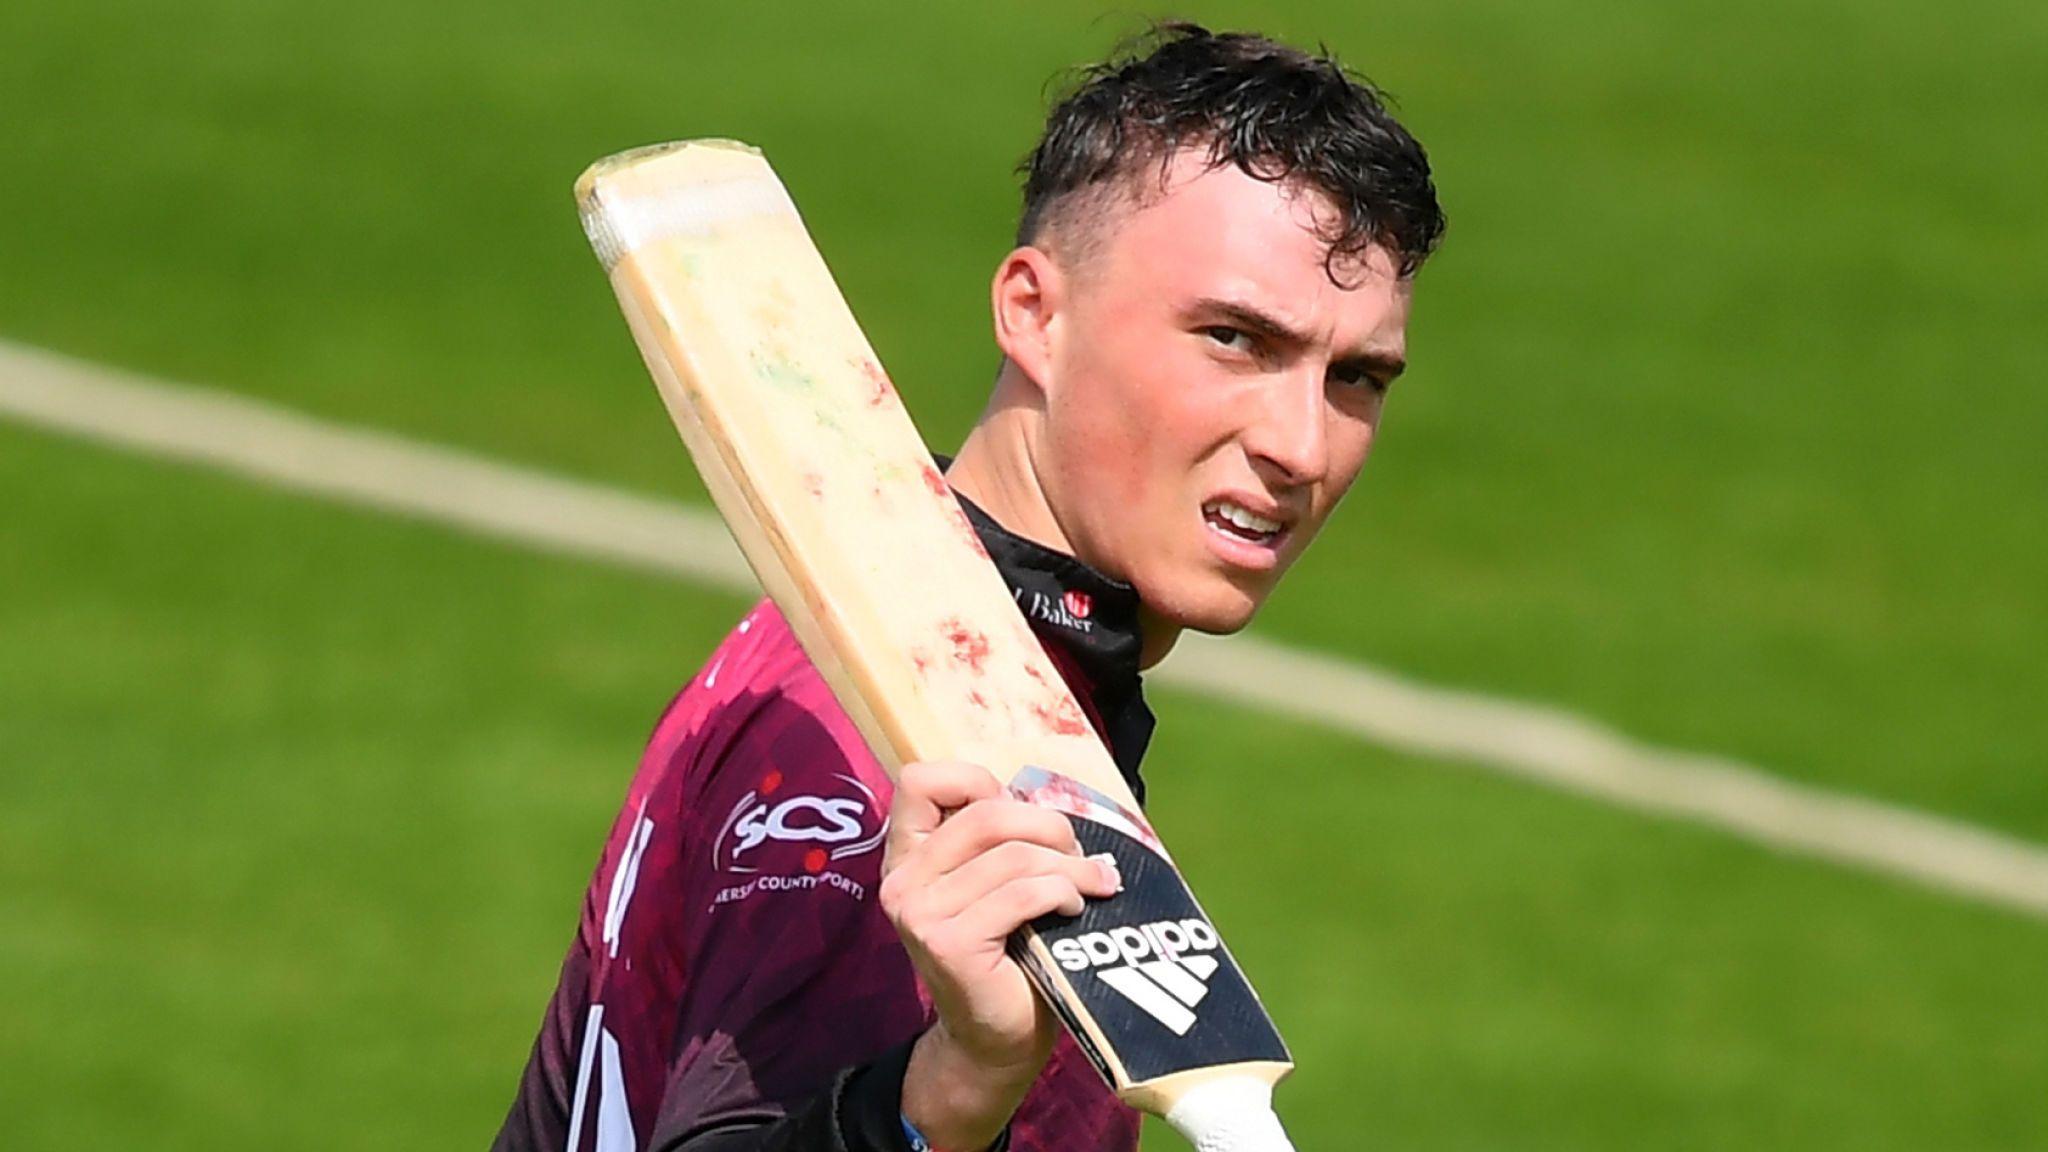 माइकल वॉन ने की इस विस्फोटक इंग्लिश बल्लेबाज से आईपीएल में न खेलने की गुजारिश 2